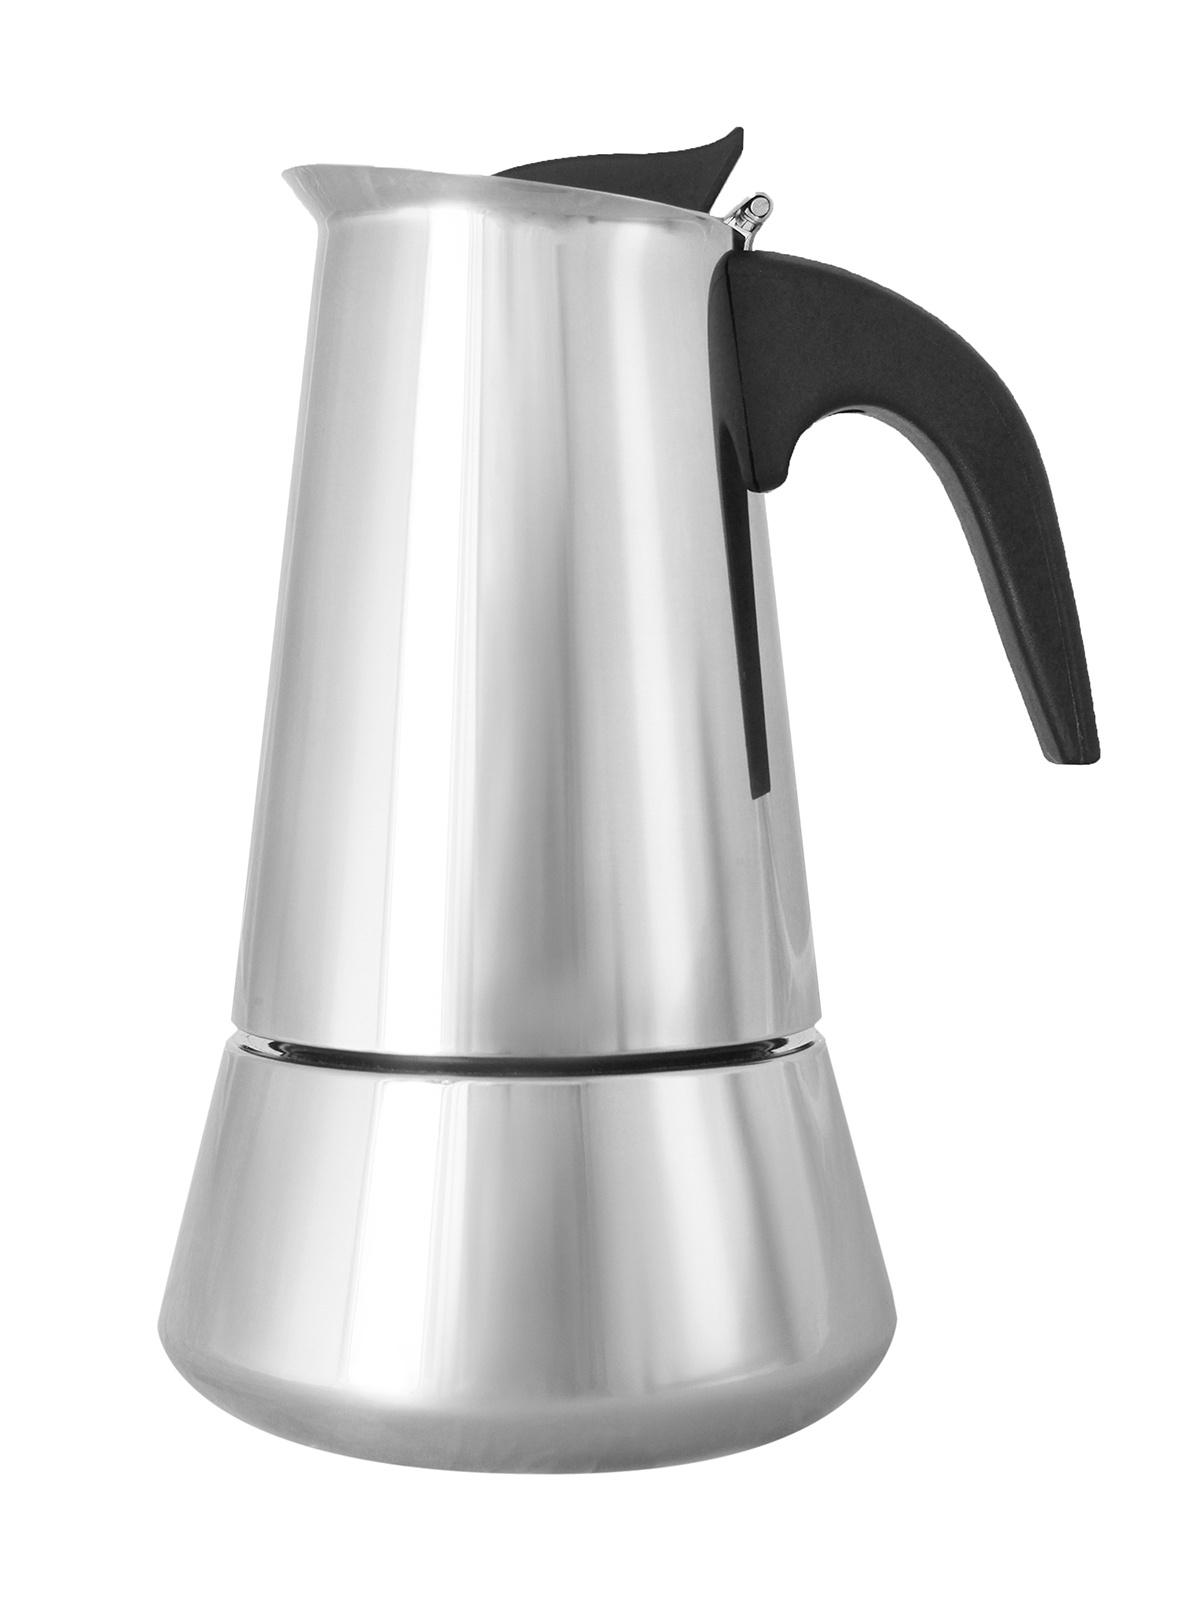 Кофеварка гейзерная Italco Induction на 6 порций, 148432157, серебристый гейзерная кофеварка italco express алюминий